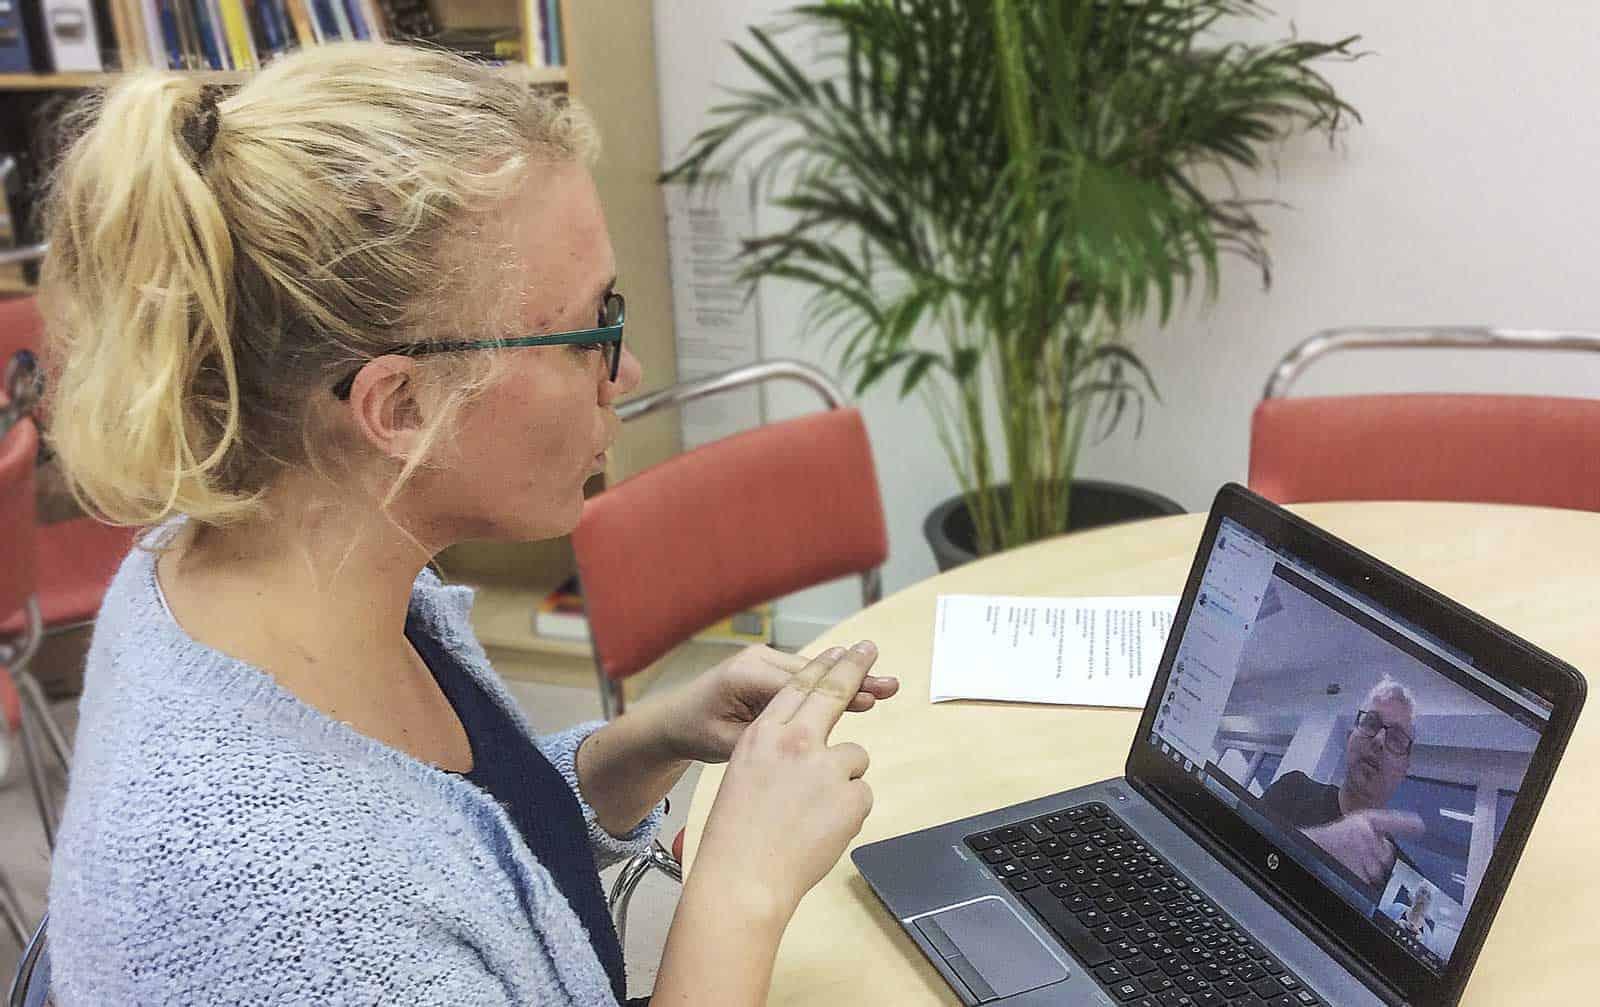 Teckenspråksutbildningen som sker via Skype är helt anpassad efter varje elevs behov och önskemål.